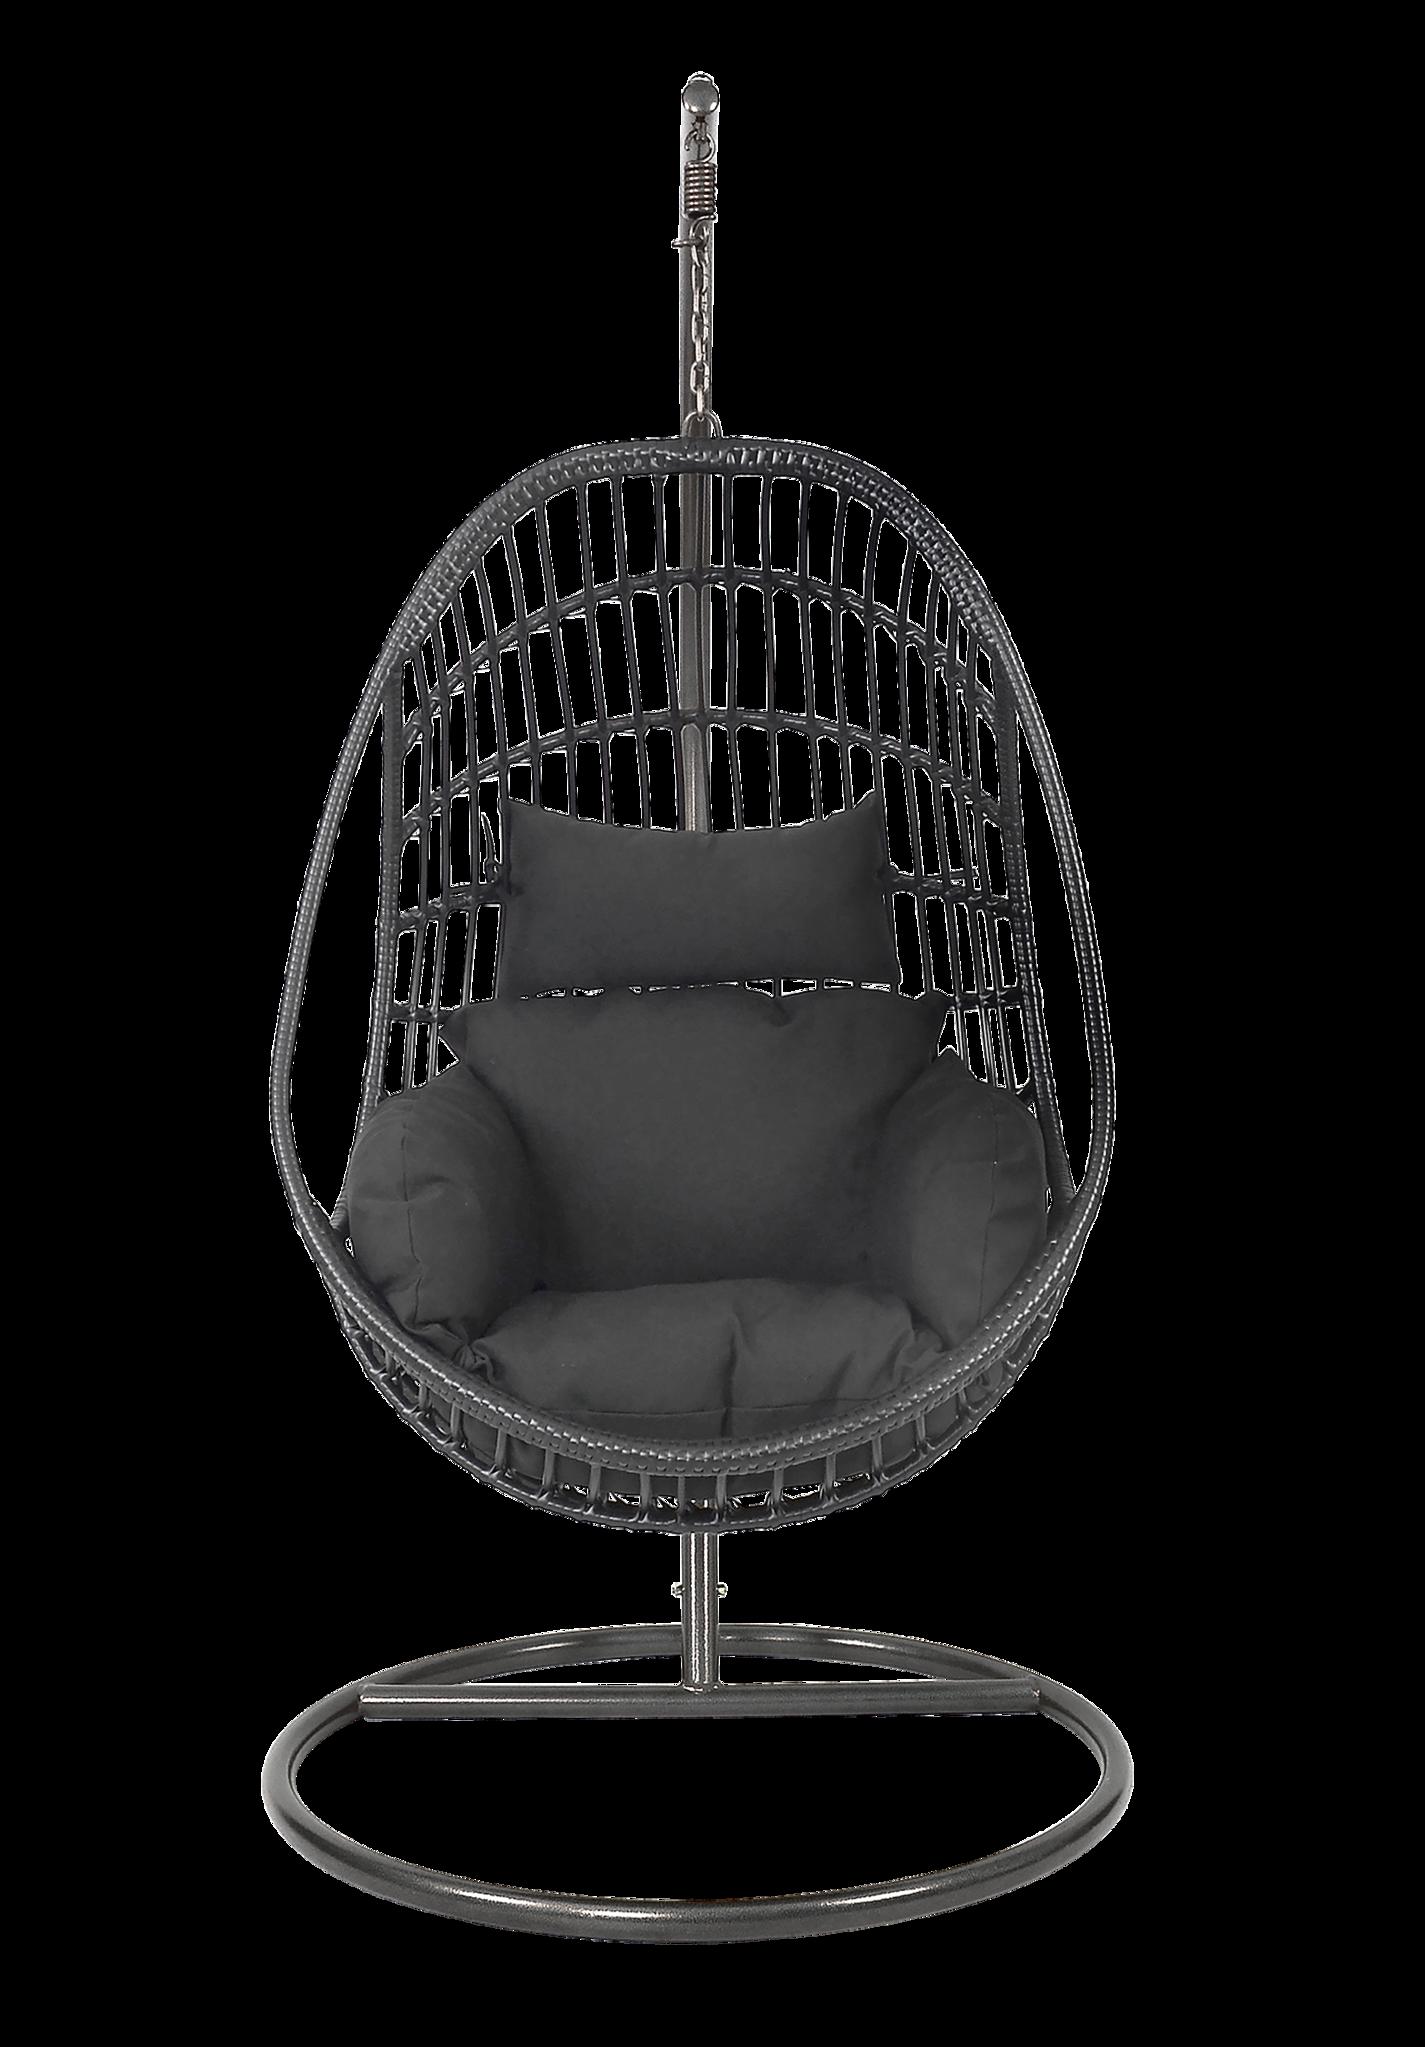 Hangstoel Voor 2 Personen.1 Persoons Hangstoel Sturdy Zwart Lesli Living